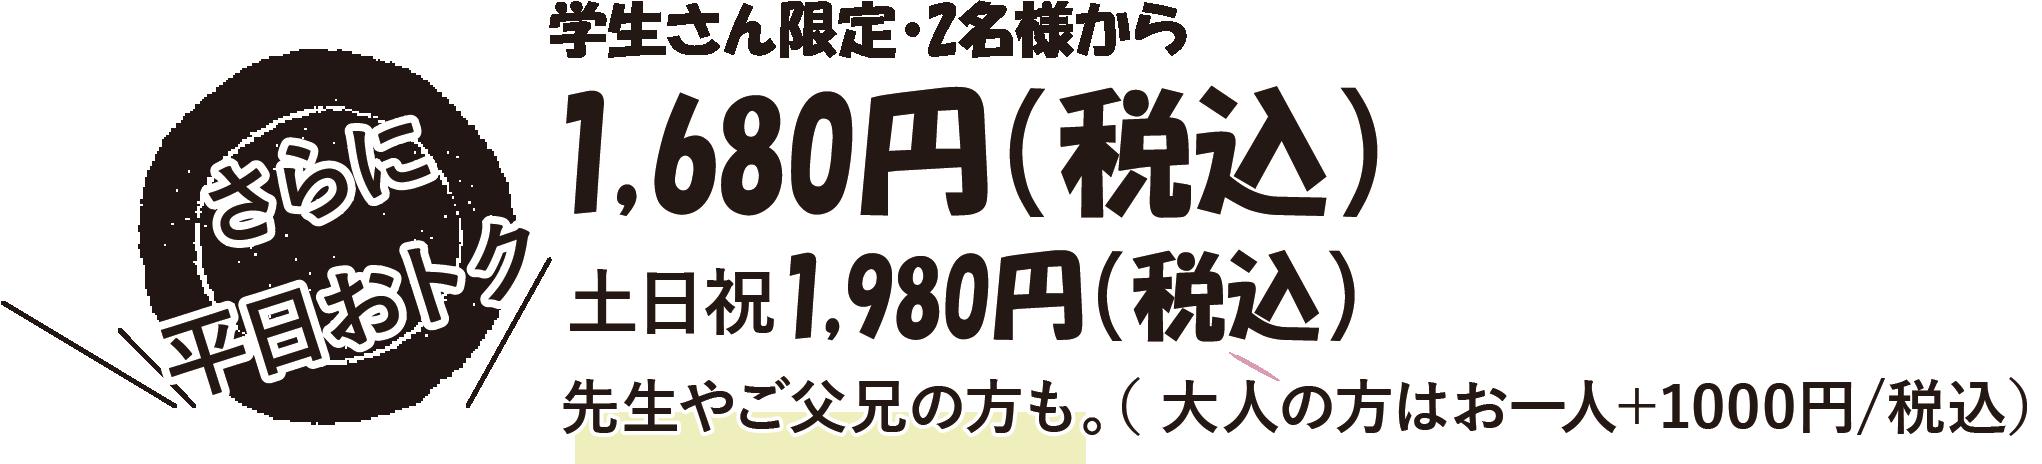 平日オトクな1.690円(税込)